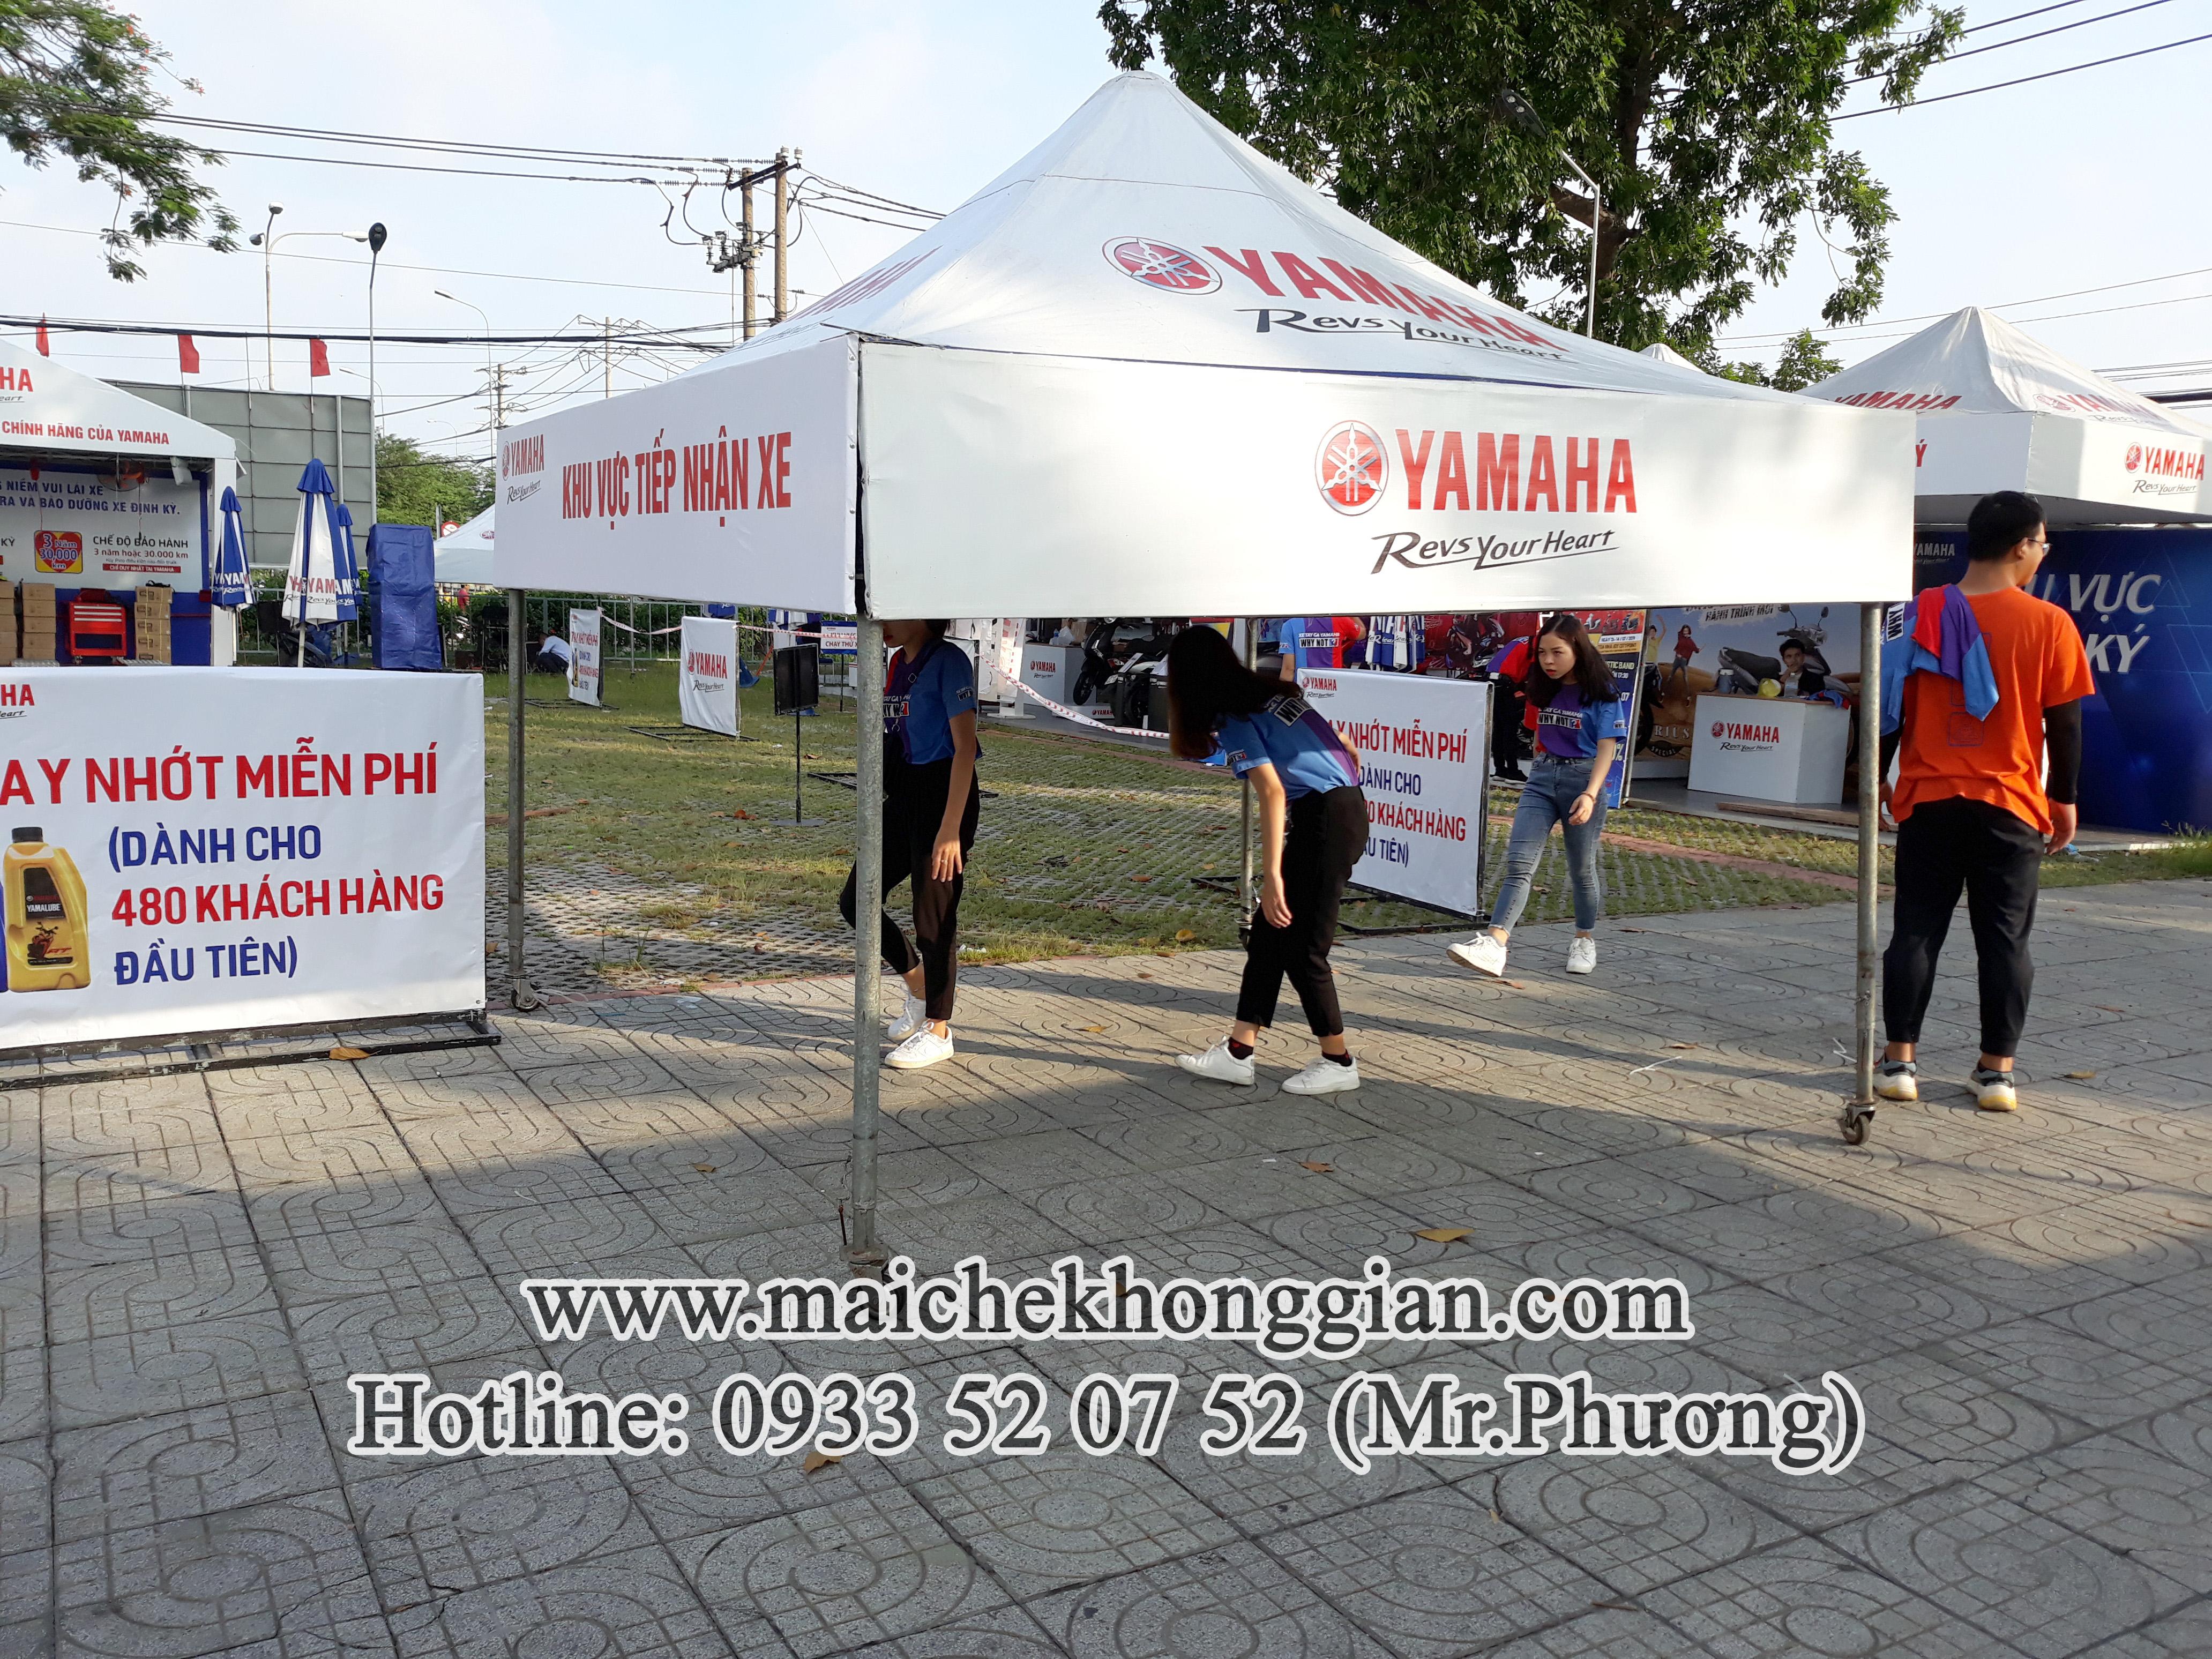 Mái Che Gian Hàng Huyện Vũng Liêm Vĩnh Long